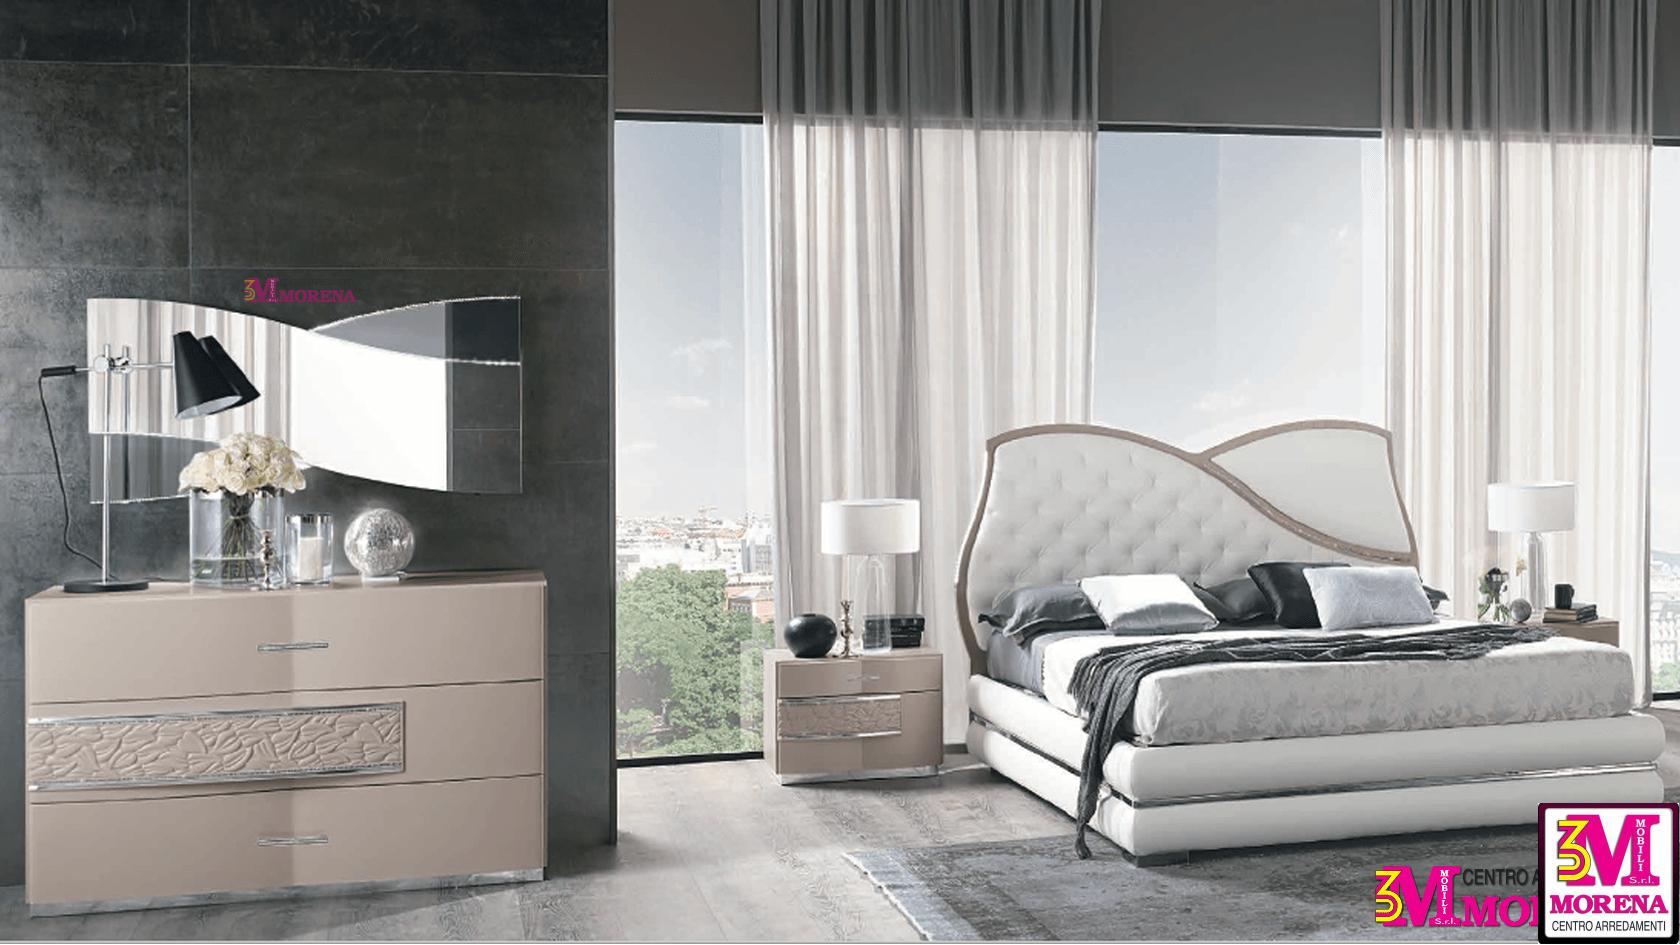 Camera nolita - Camera da letto classica contemporanea ...